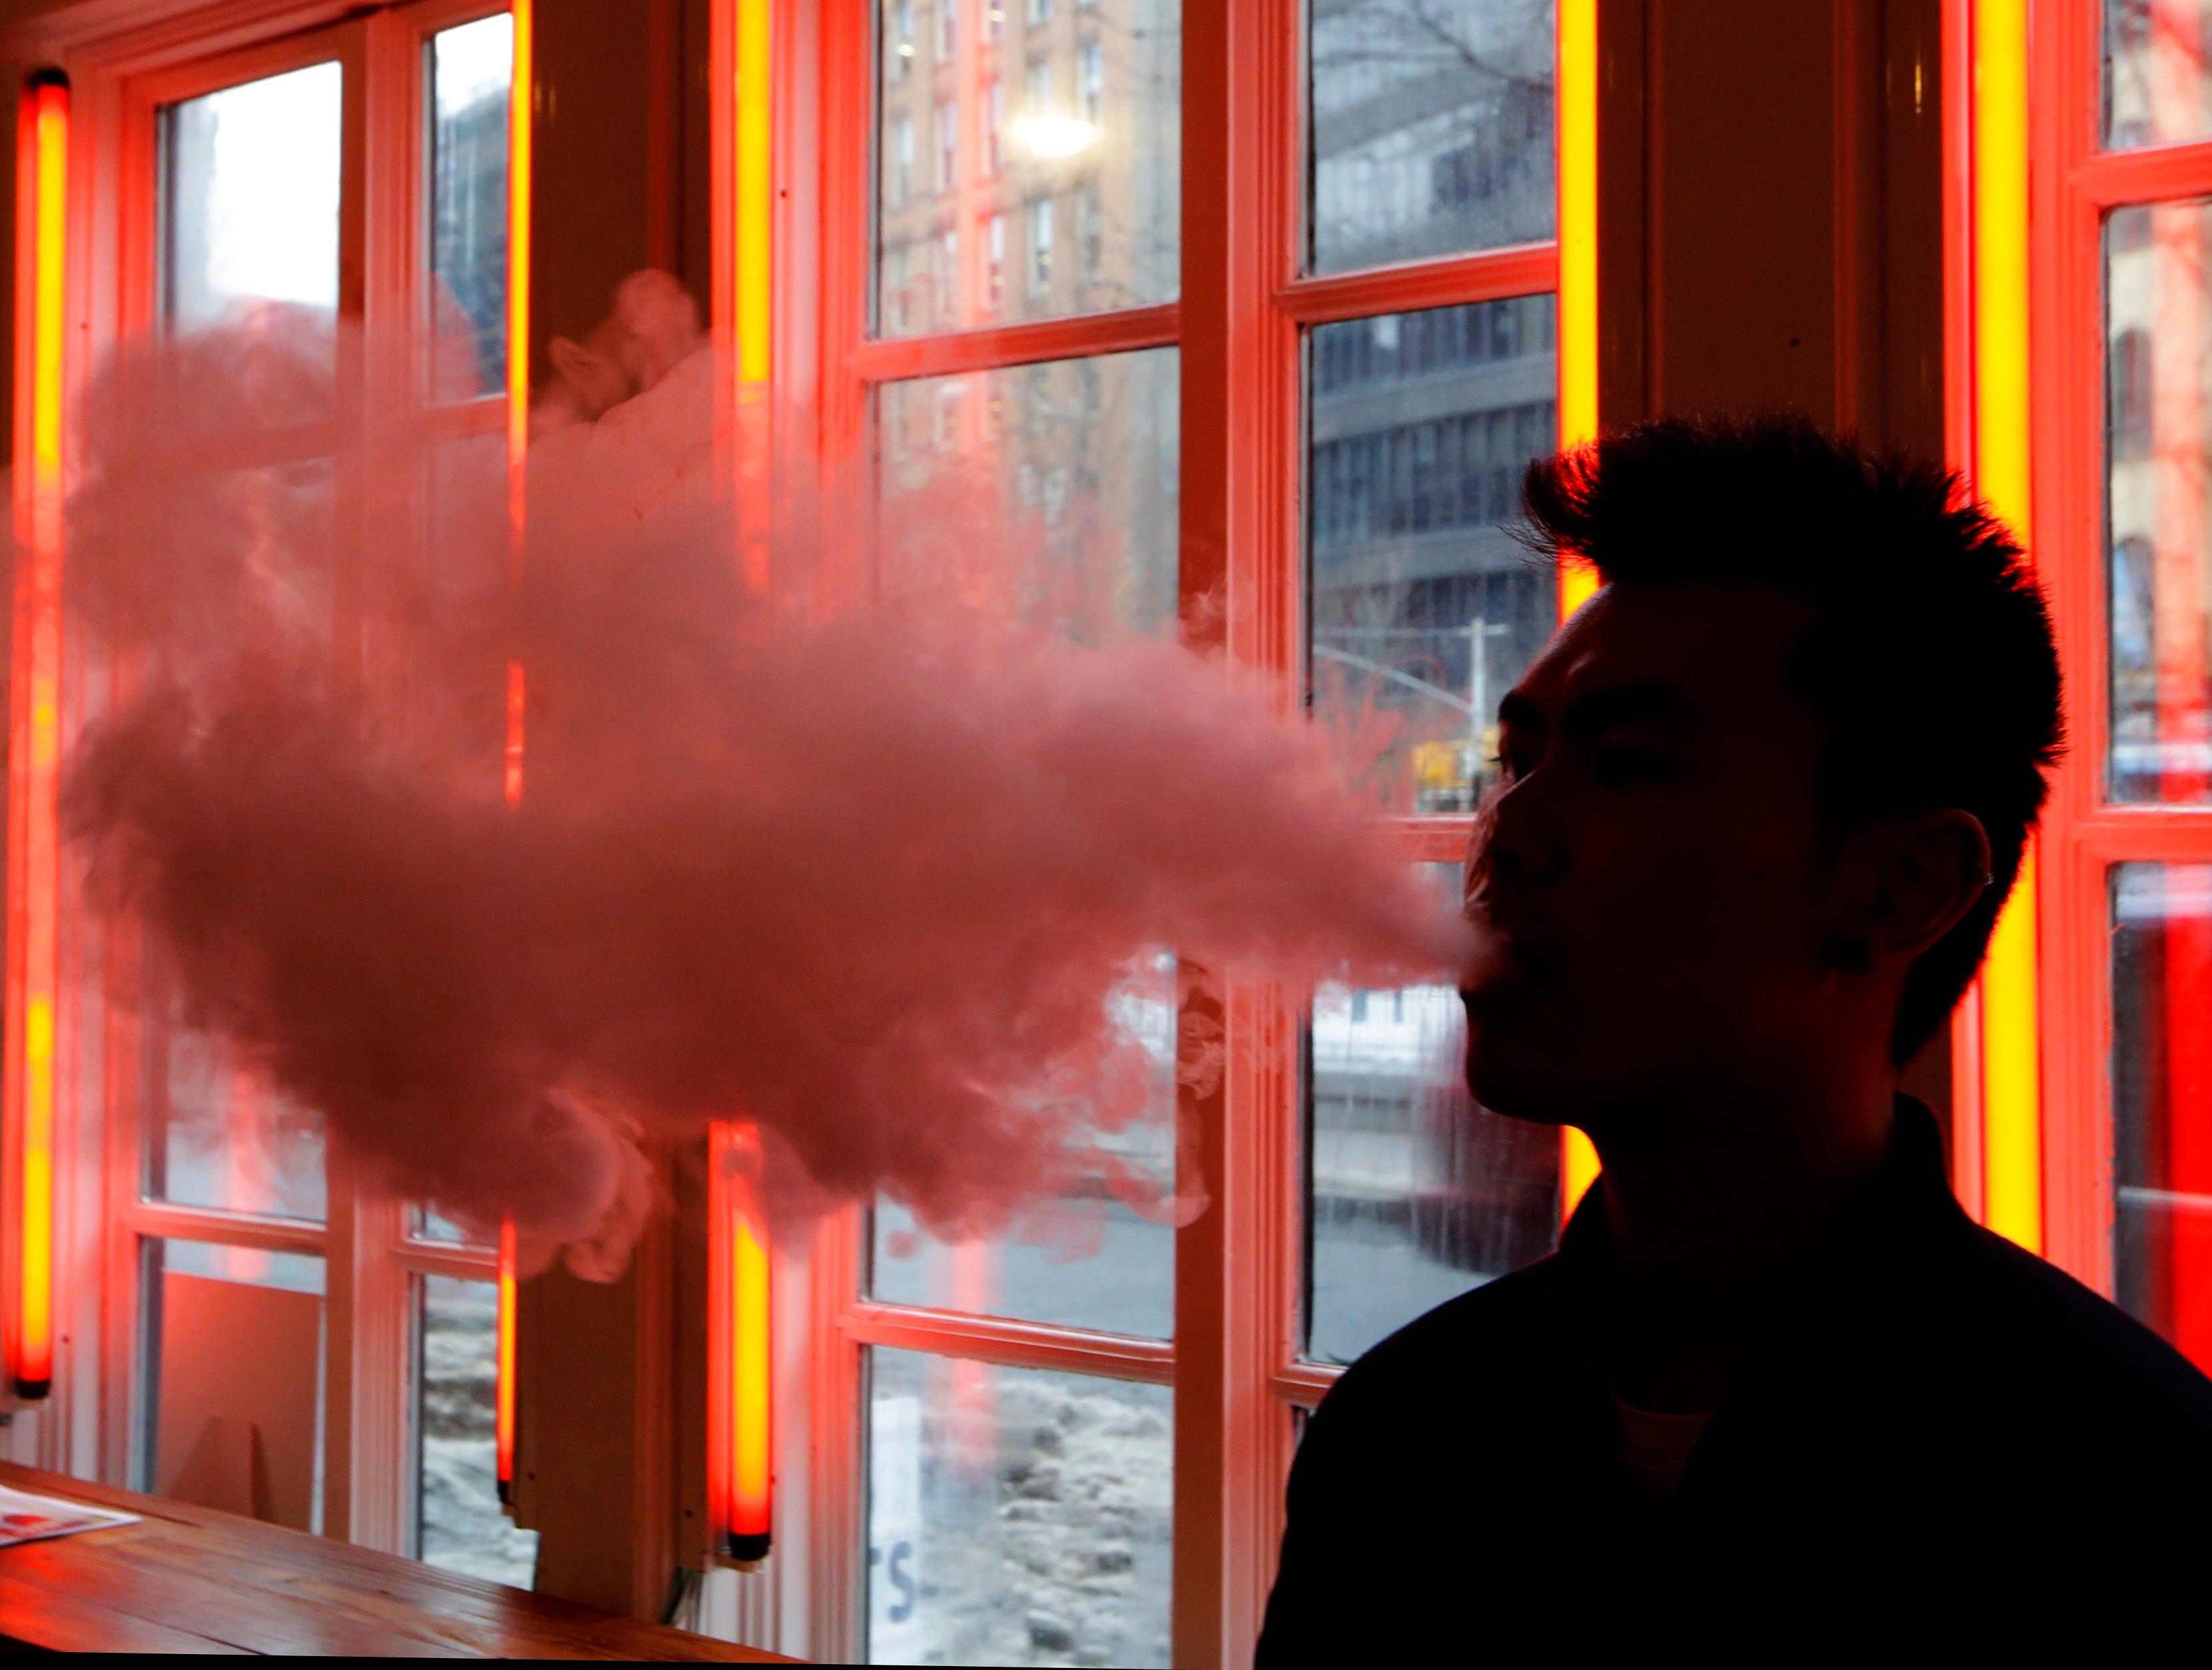 E cig into vaporizer